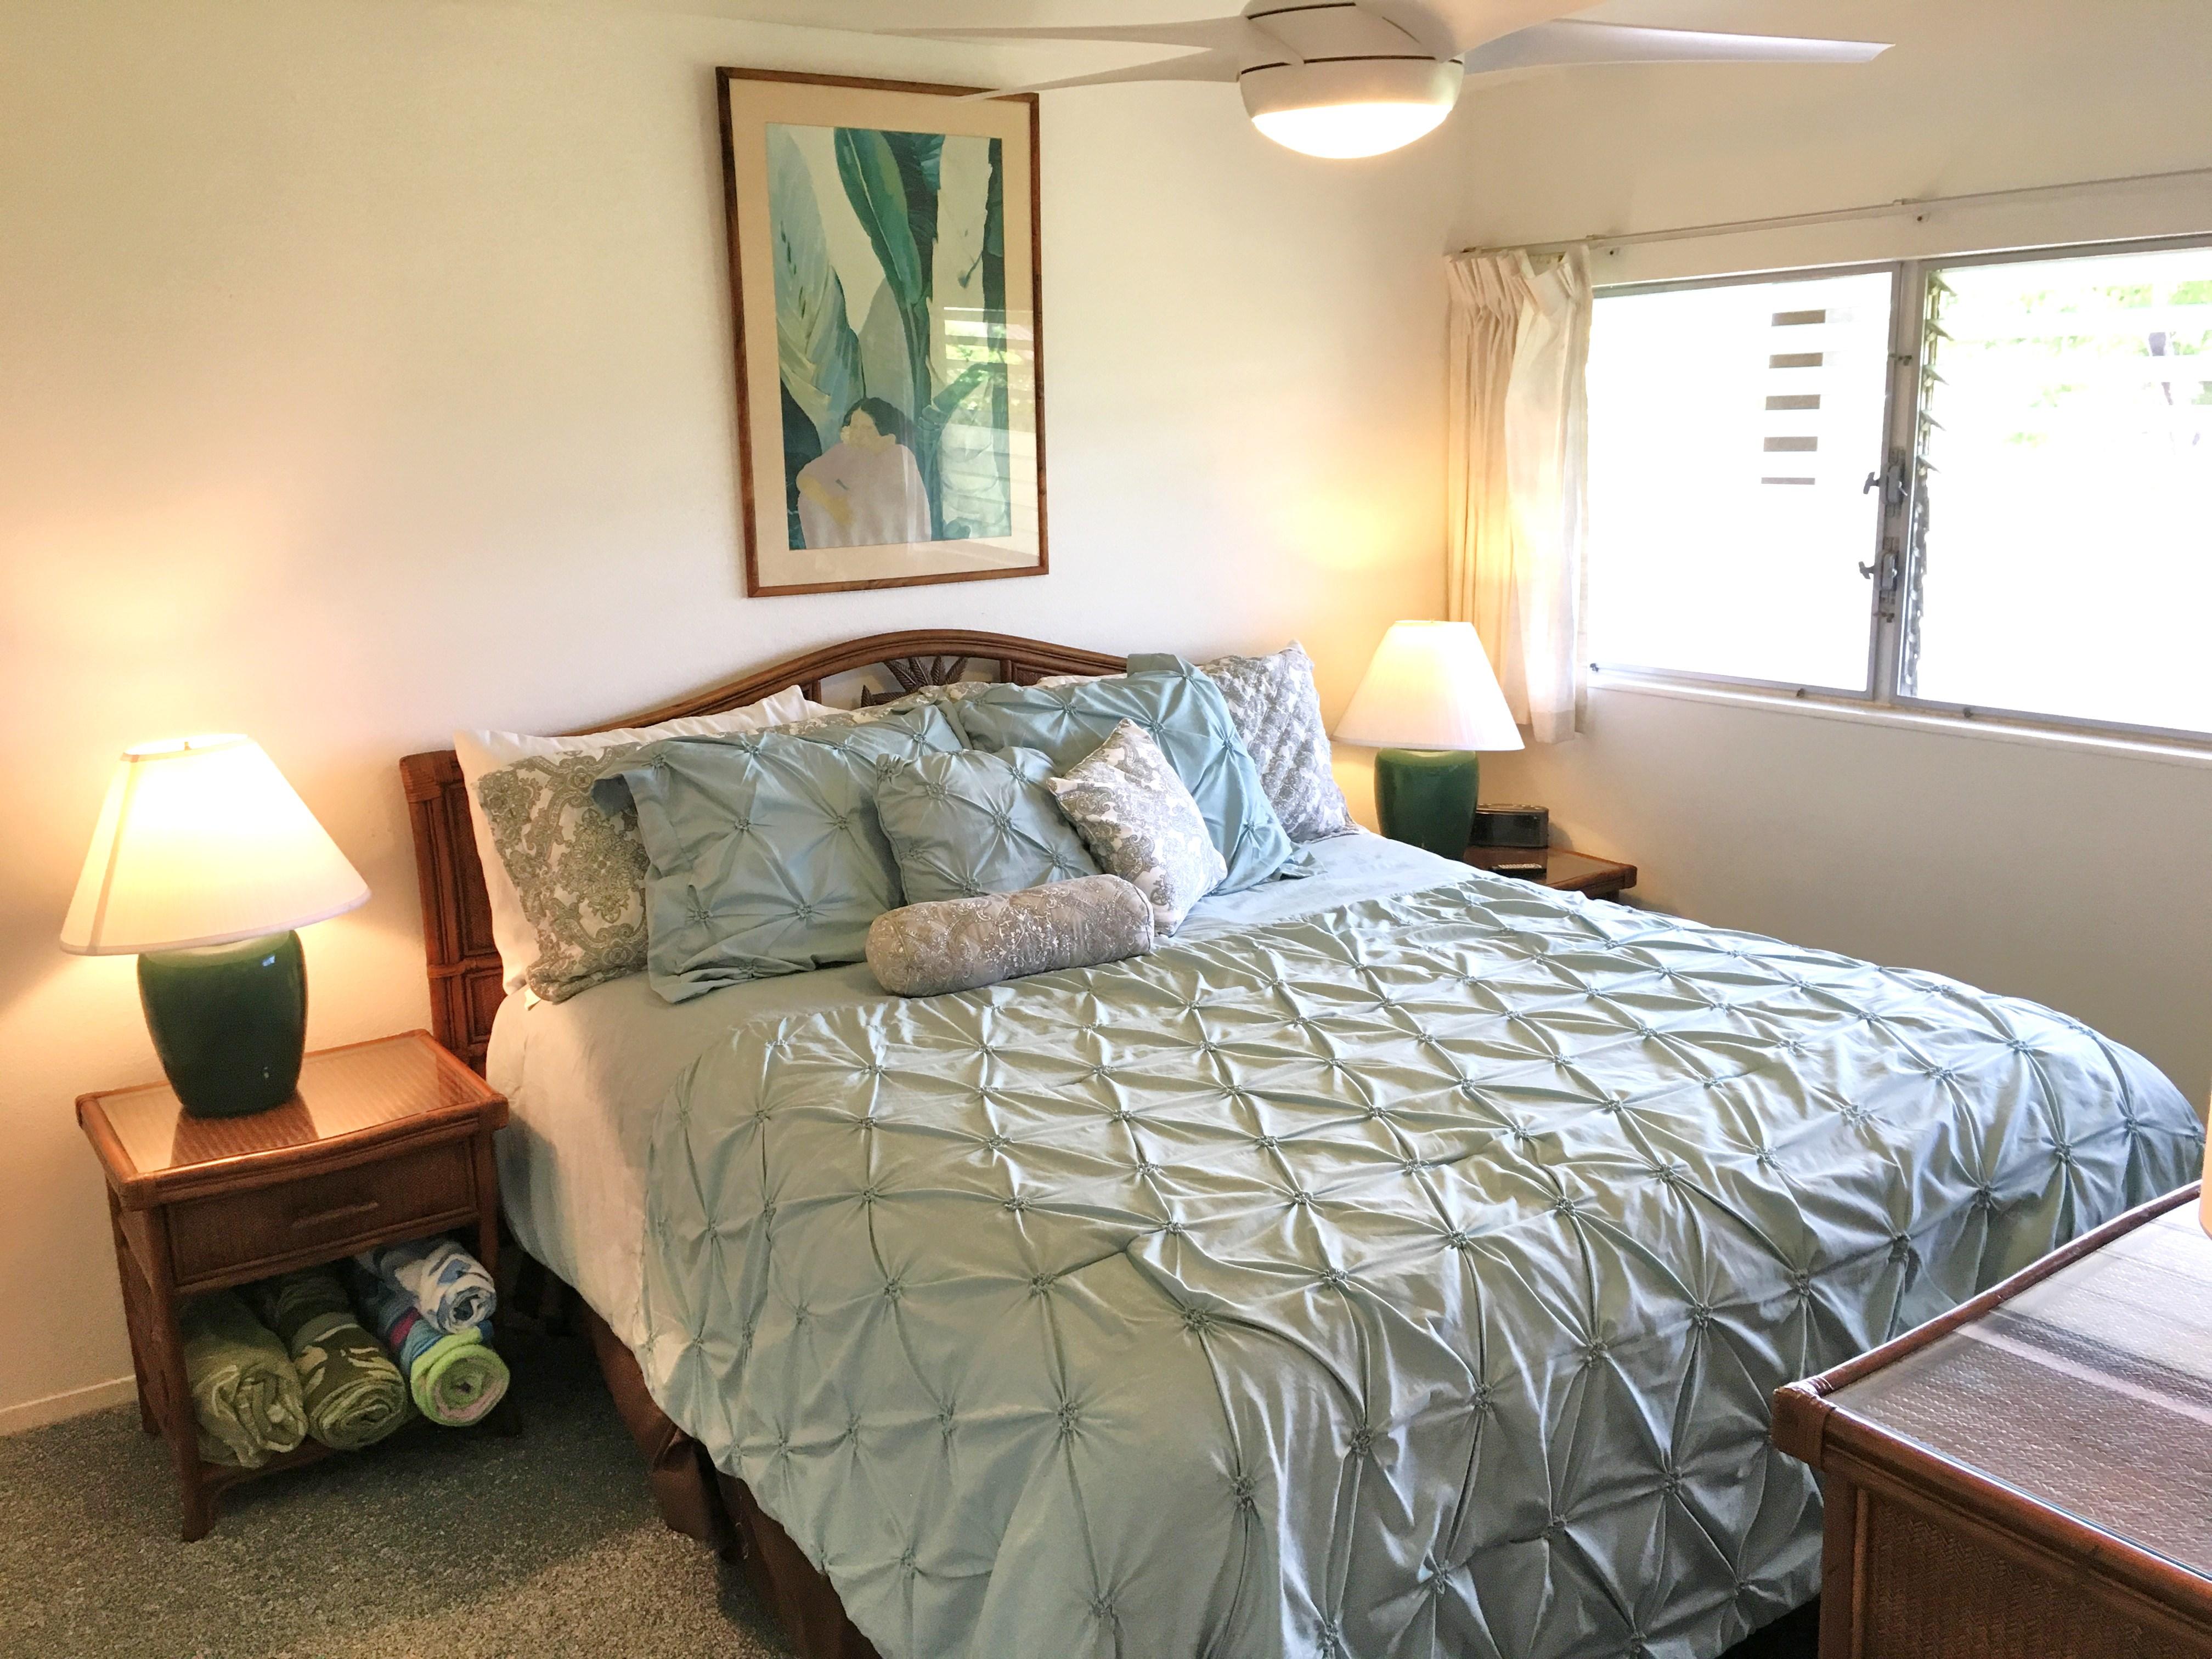 Bedroom at Kauai vacation condo